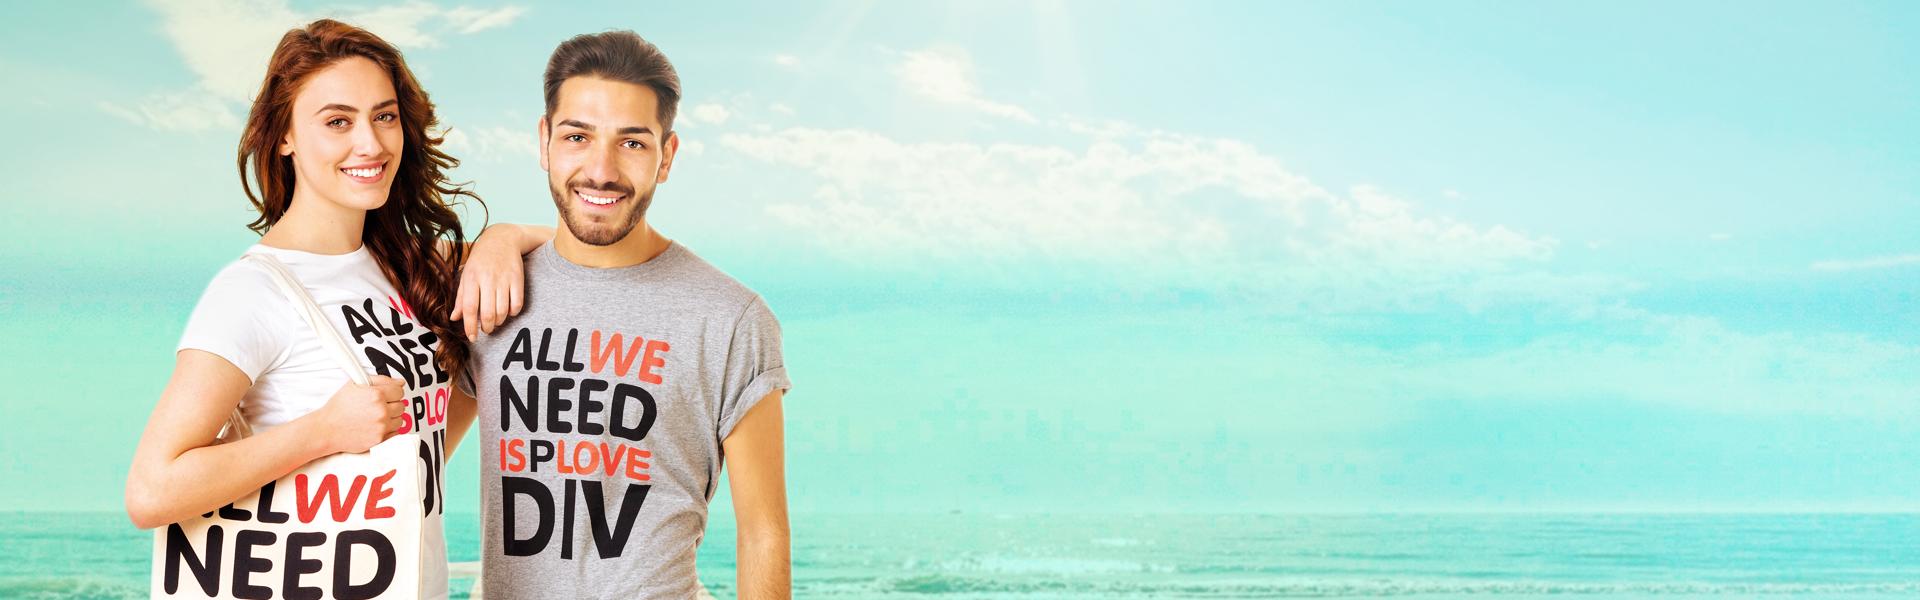 най-яките тениски в пловдив